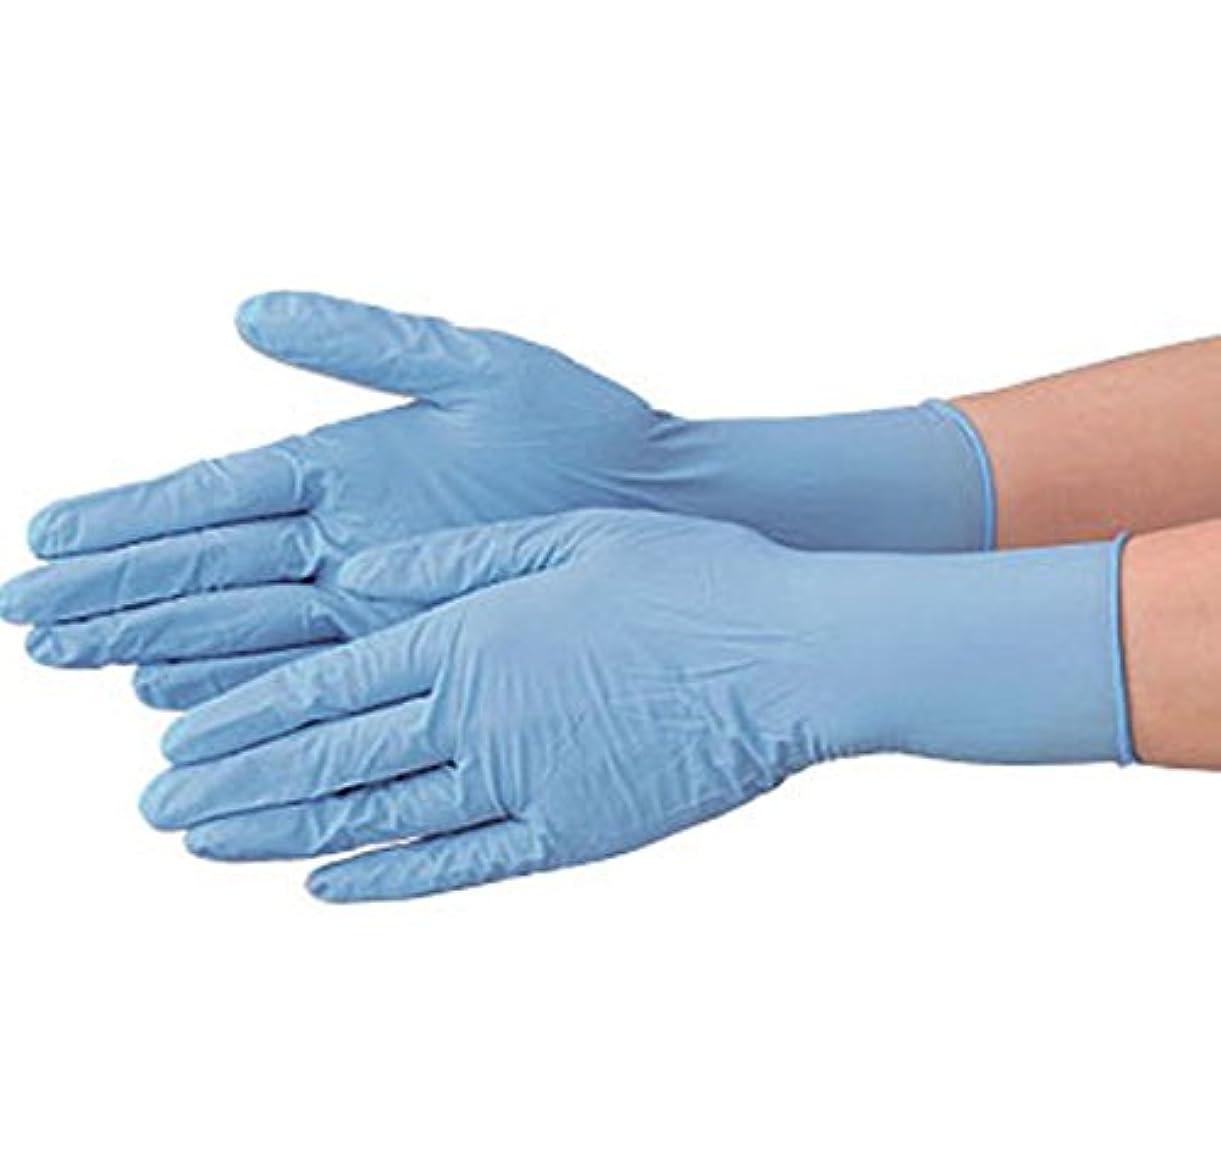 プレビュー生じるうねる使い捨て 手袋 エブノ 514 ニトリル極薄手袋 ブルー Mサイズ 2ケース(100枚×40箱)